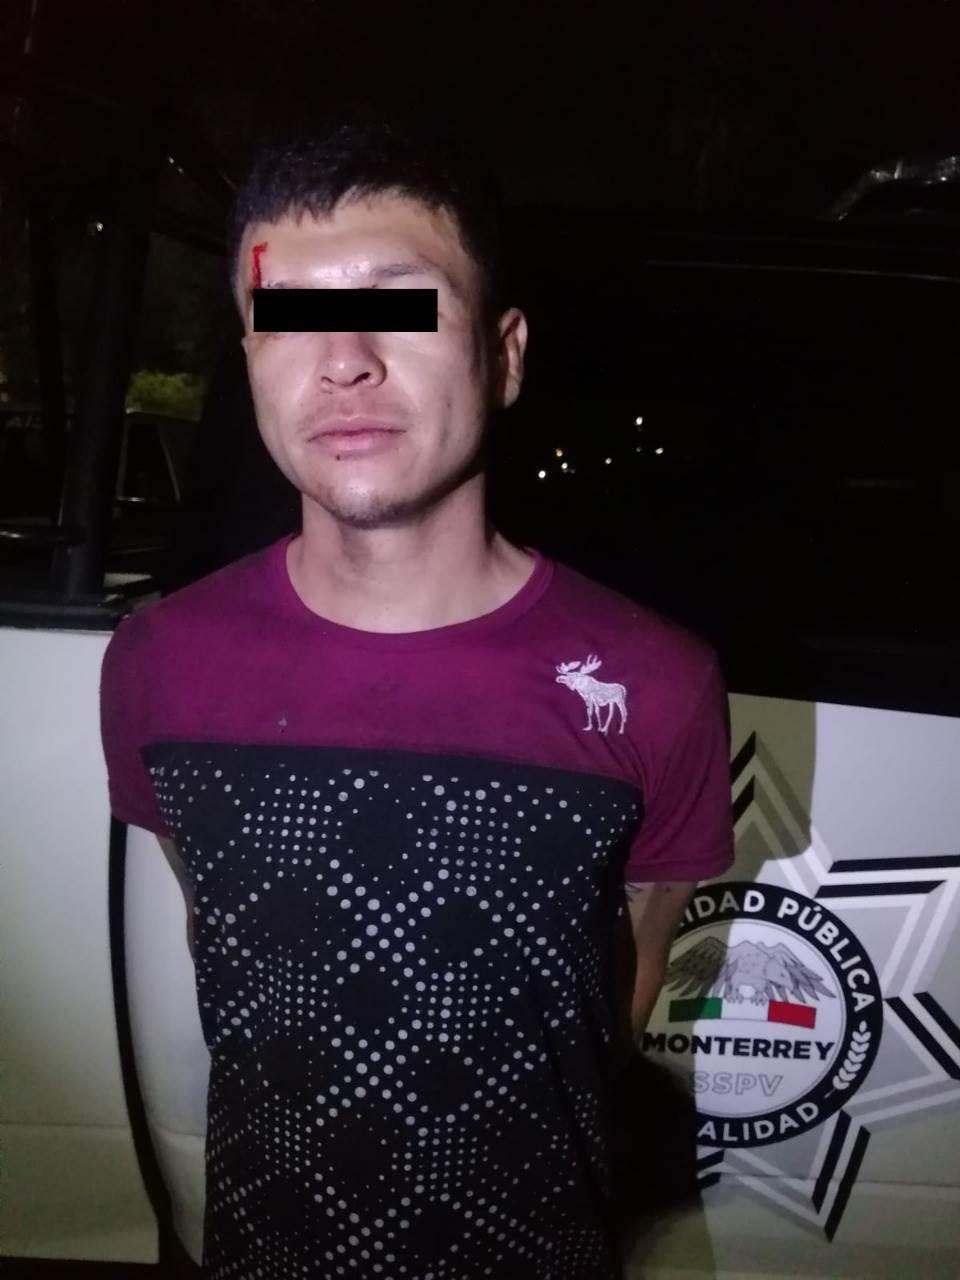 Tras despojar a un automovilista de su vehículo, un hombre fue arrestado